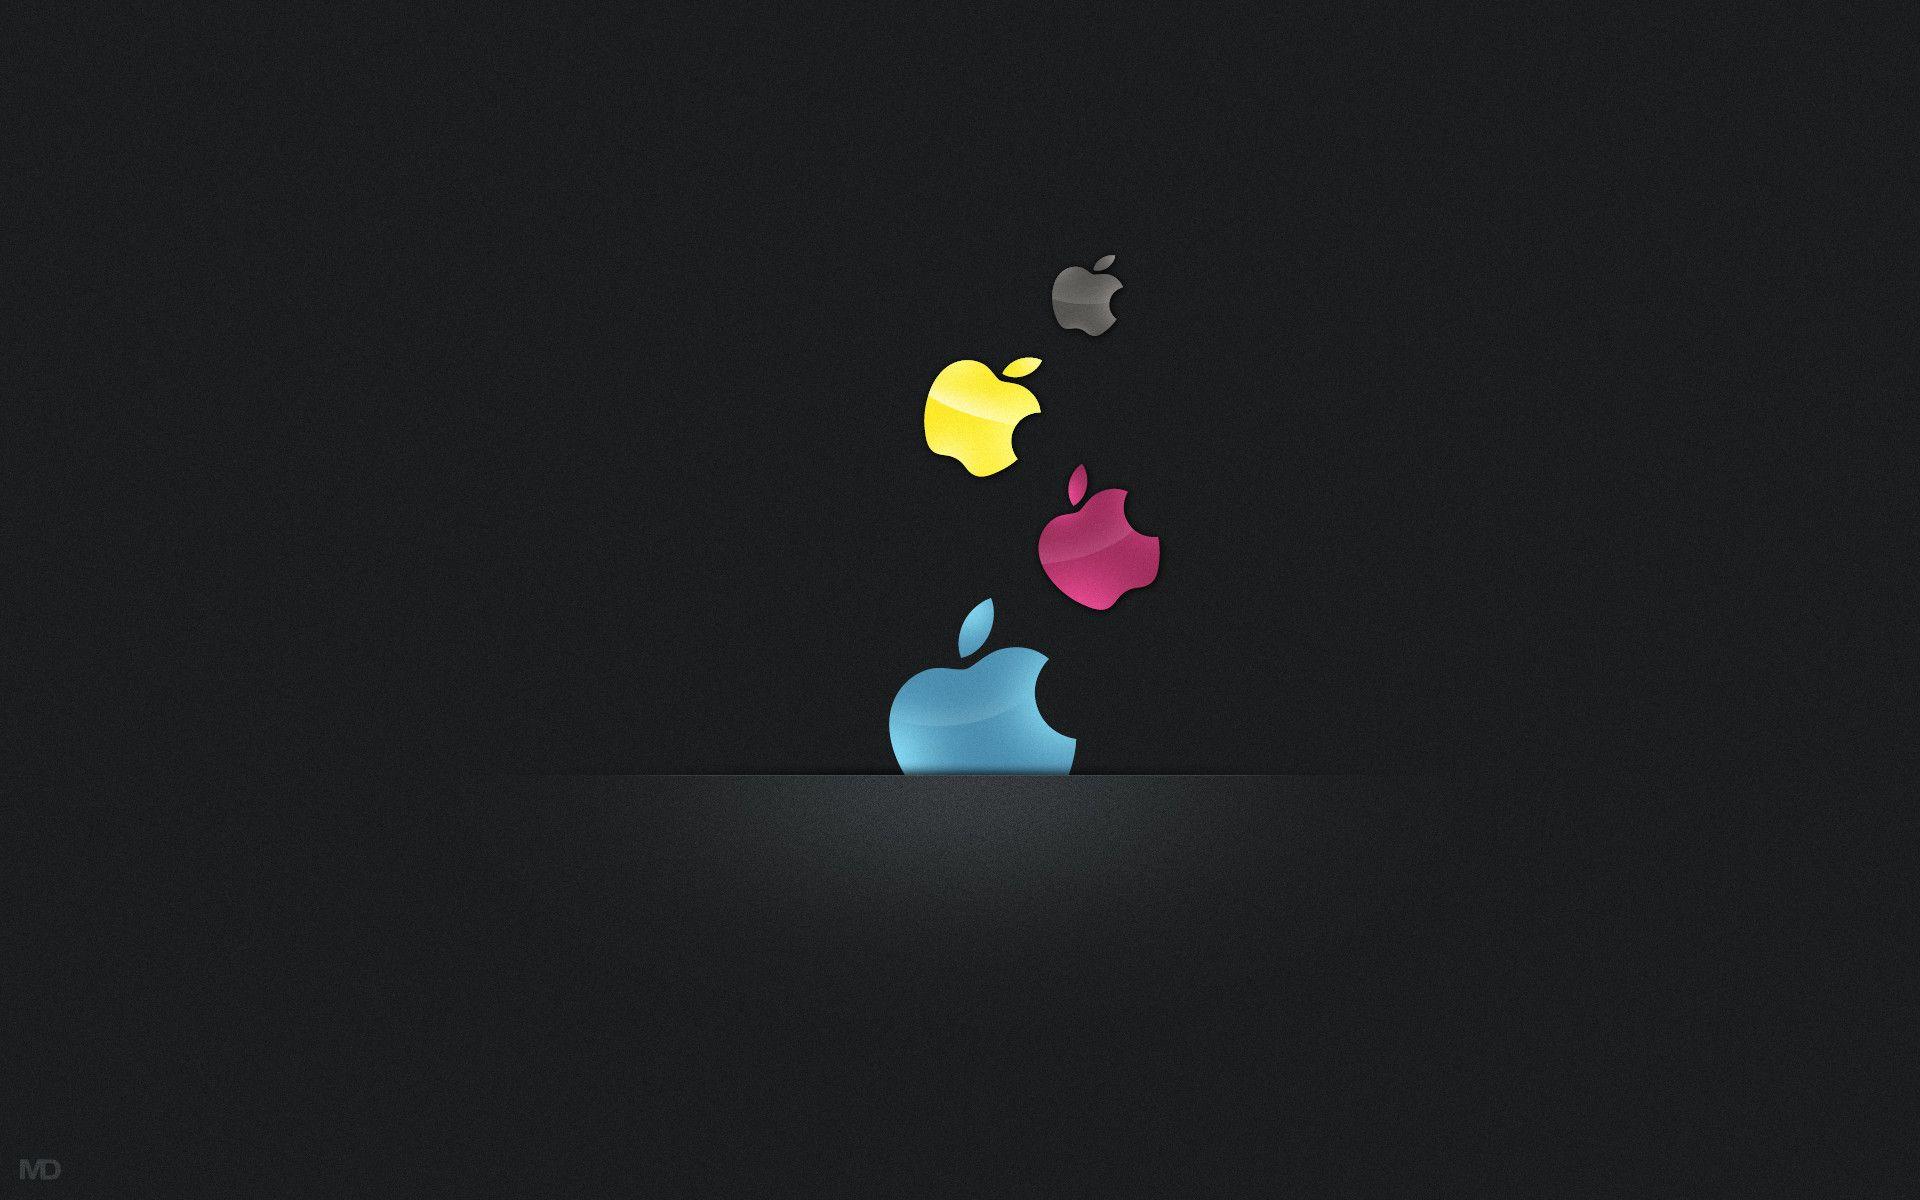 Great Wallpaper Macbook Light - b881f8a4aae9591bb43b211599af3128  HD_52050.jpg